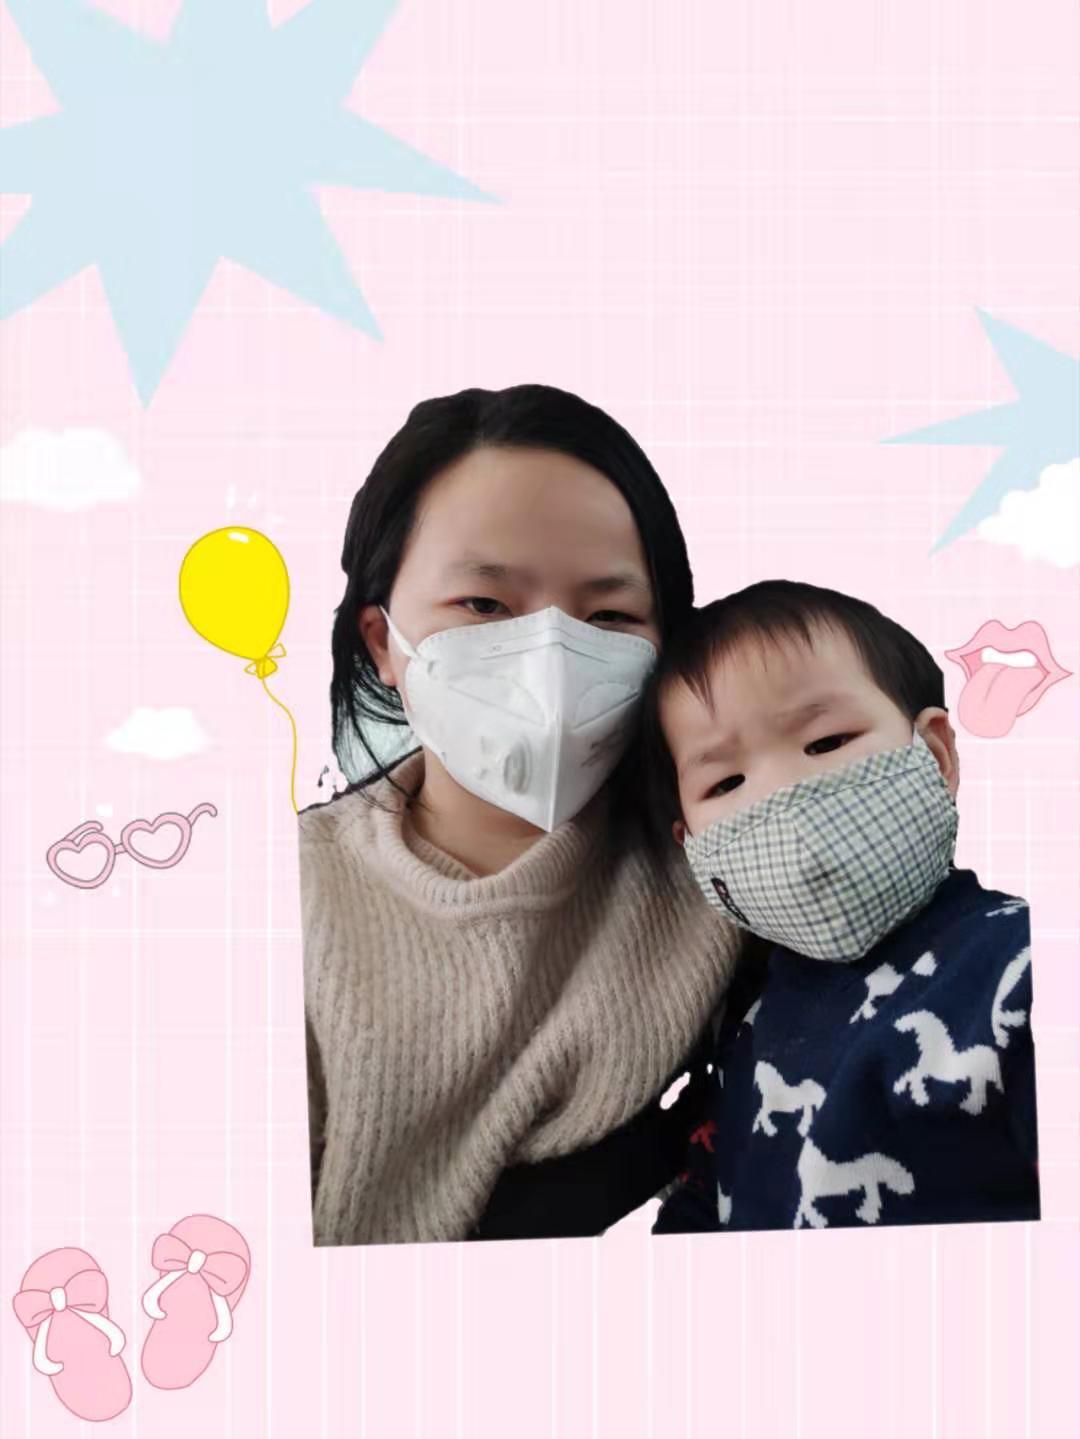 在特殊时期如何让孩子乖乖配合带口罩?